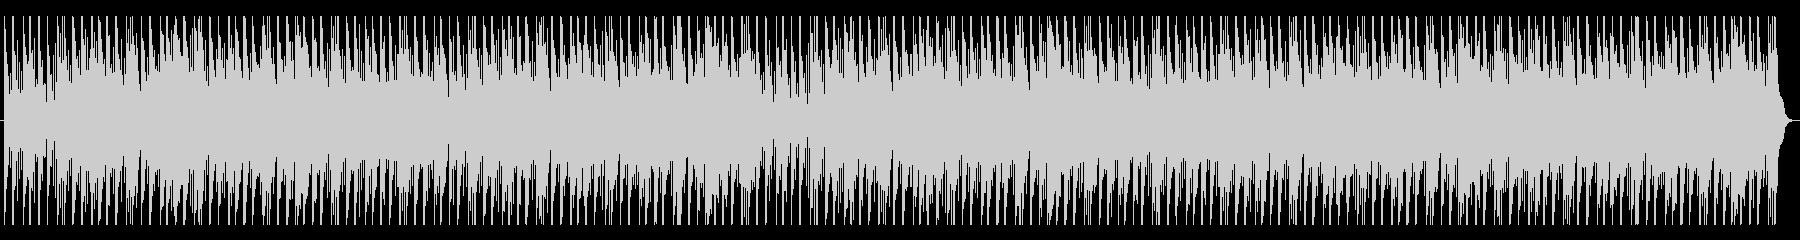 和太鼓と尺八の迫力のあるBGMの未再生の波形